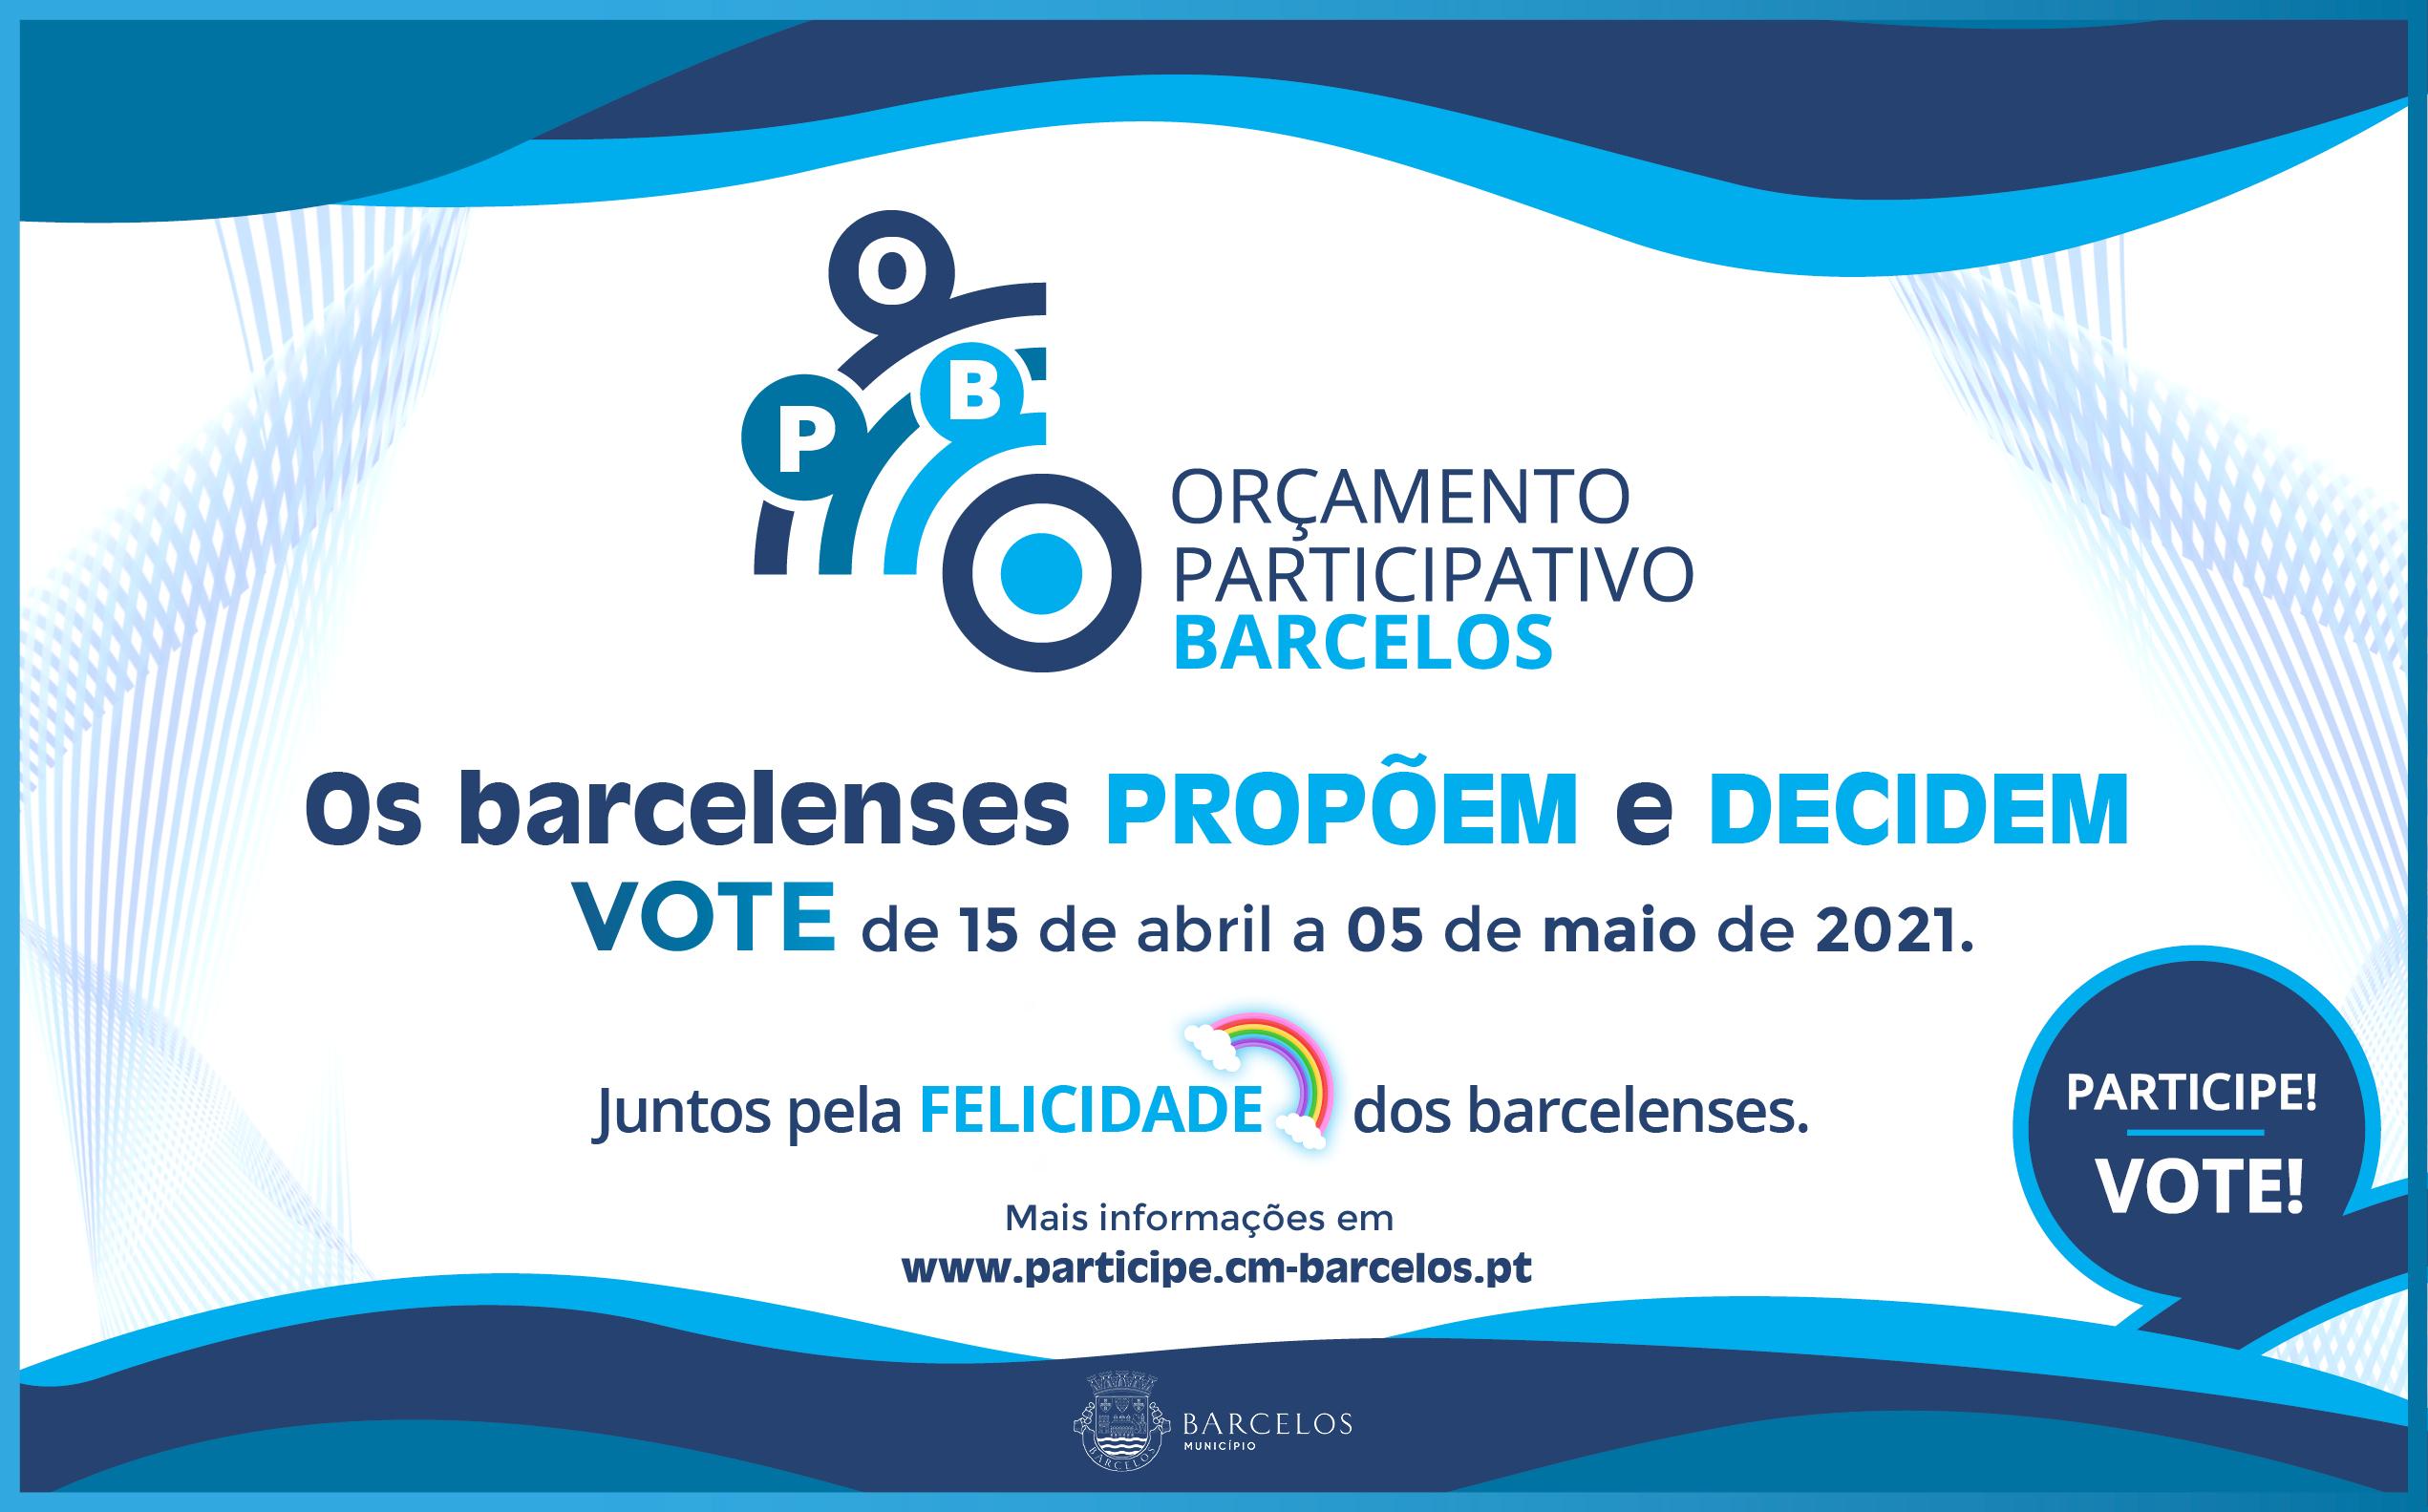 Propostas do Orçamento Participativo de Barcelos em votação de 15 de abril a 5 de maio